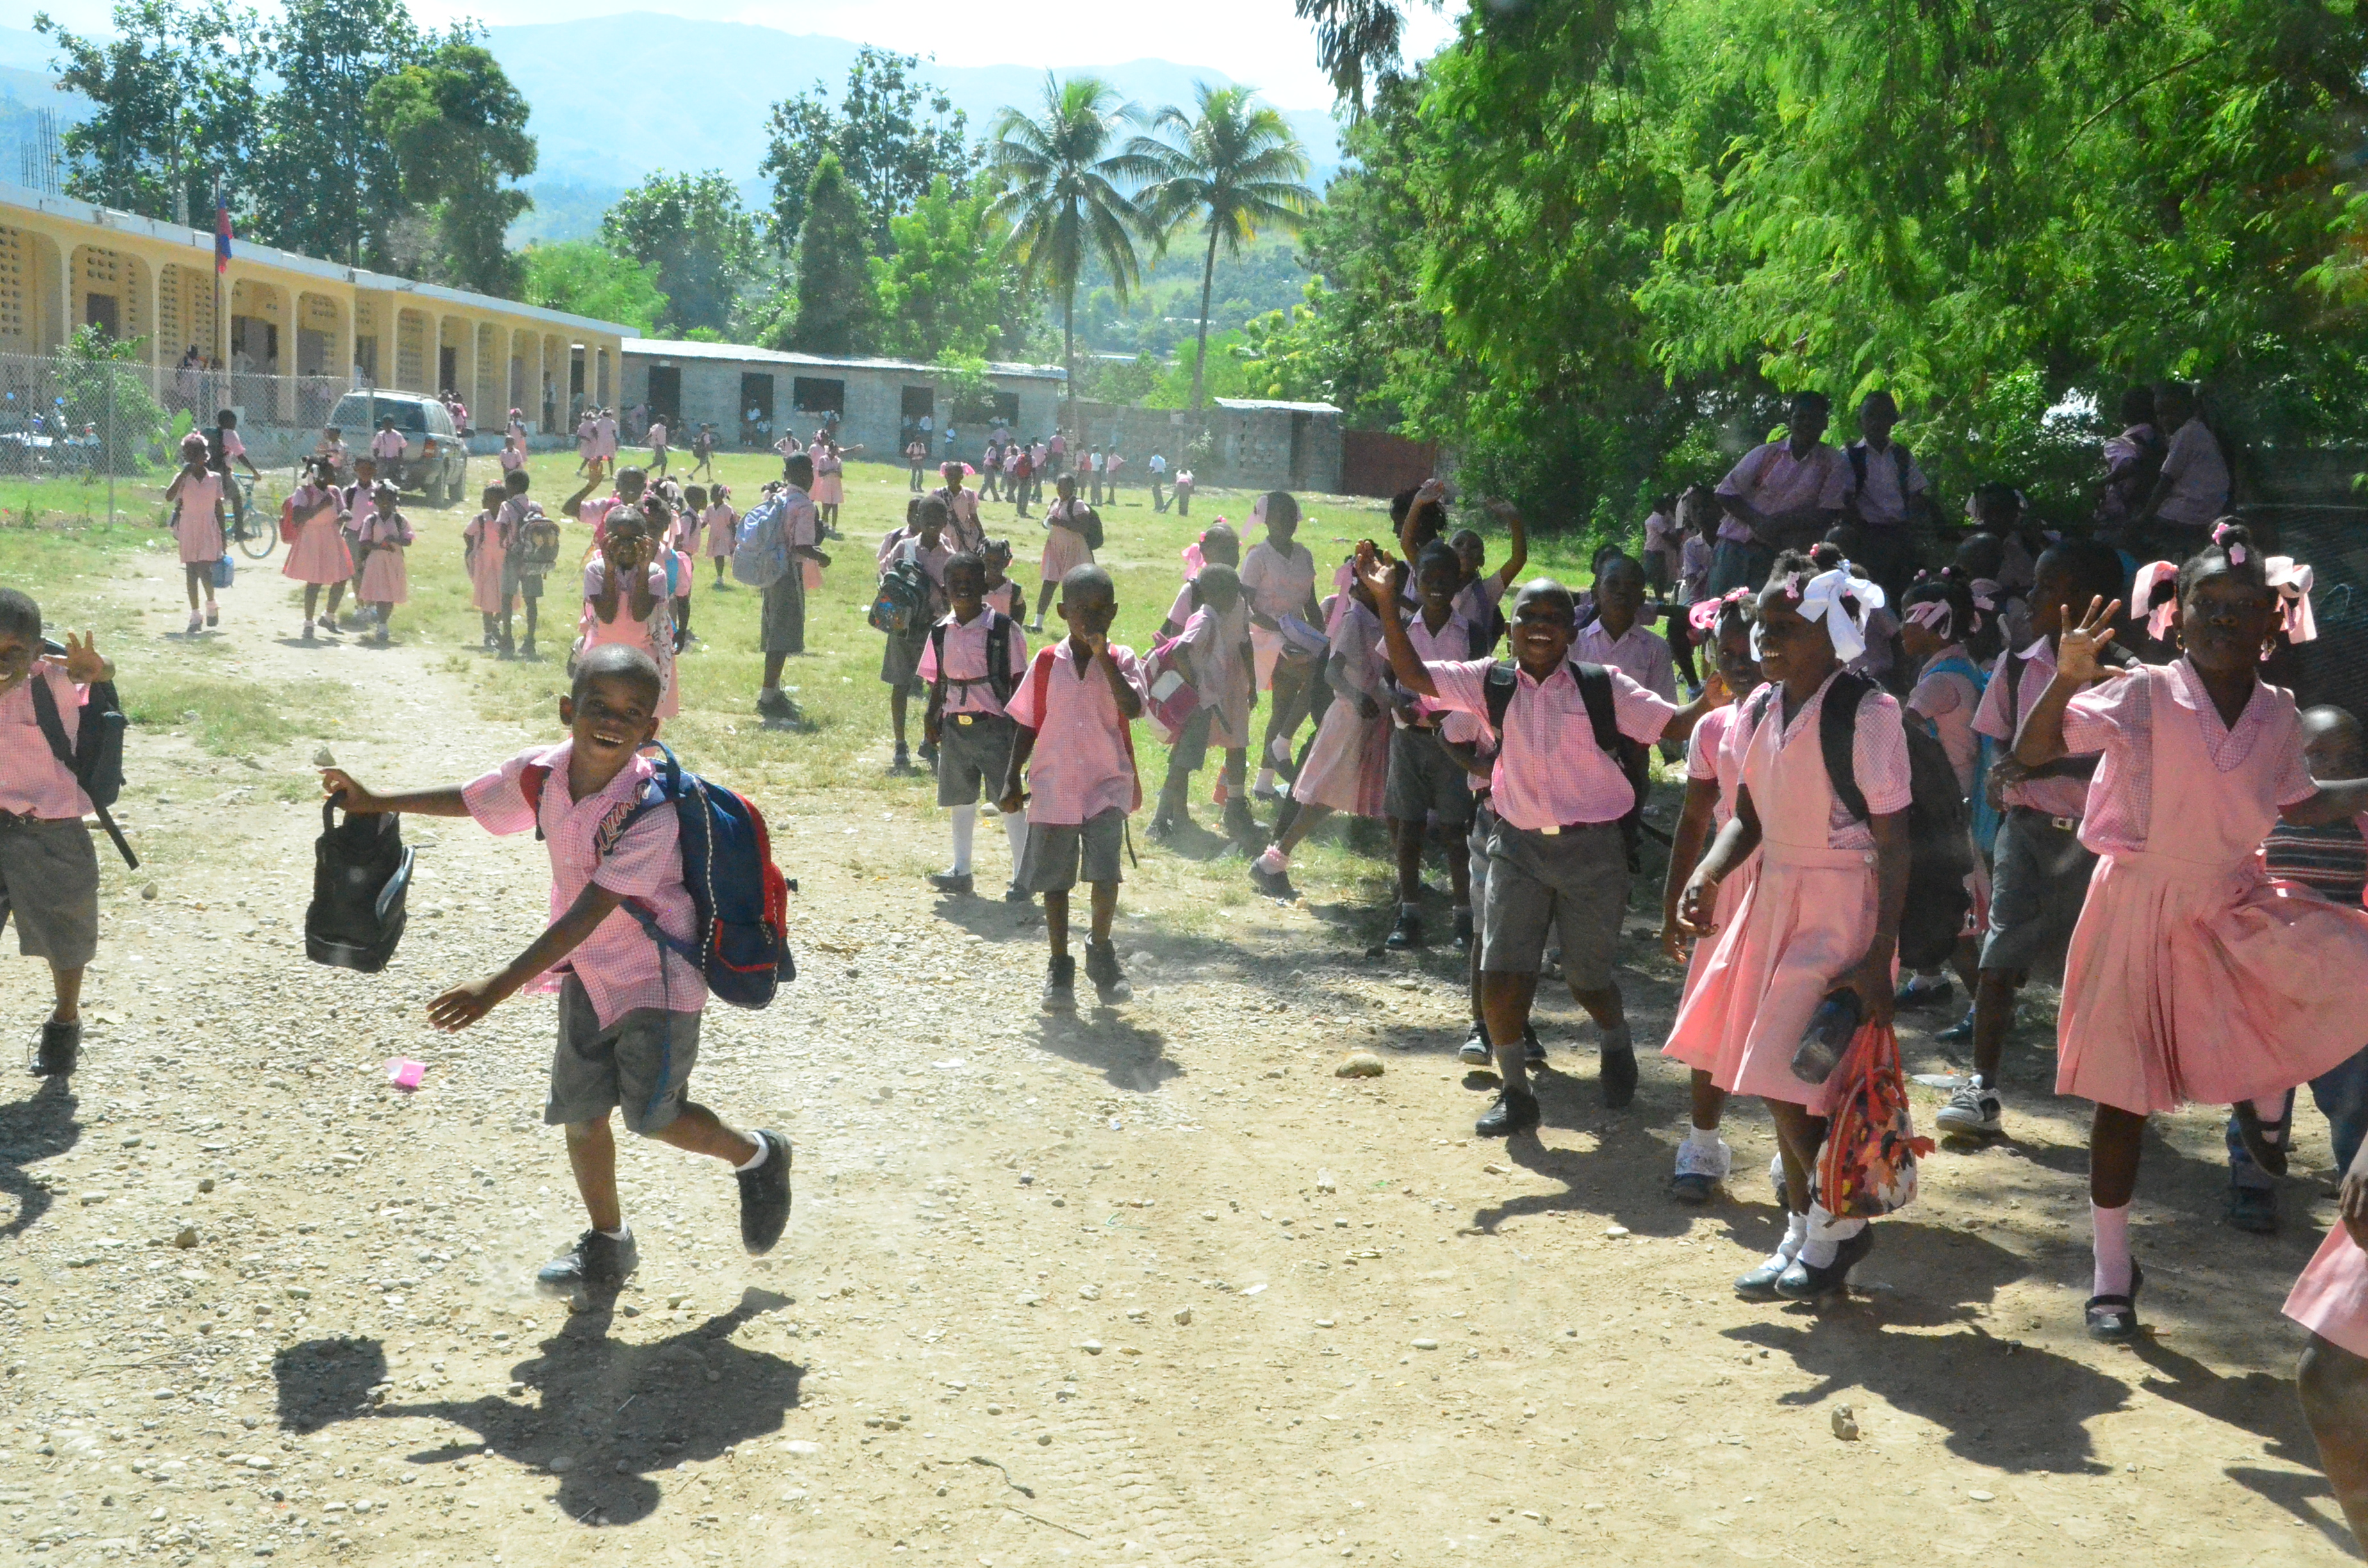 the Pelerin School